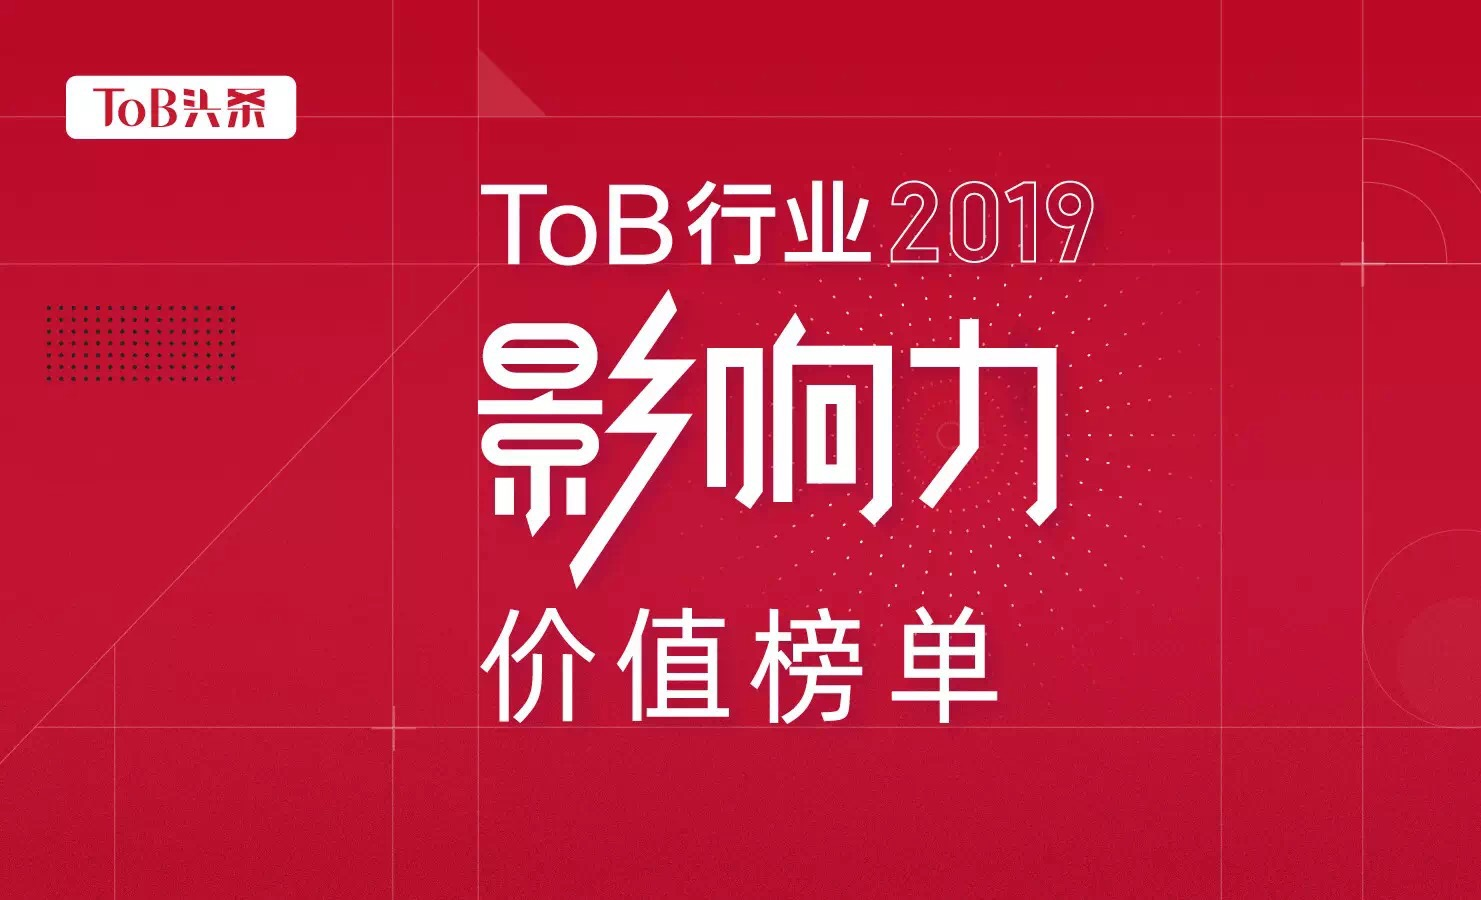 能否用一份榜单,预见中国ToB市场的新机会?